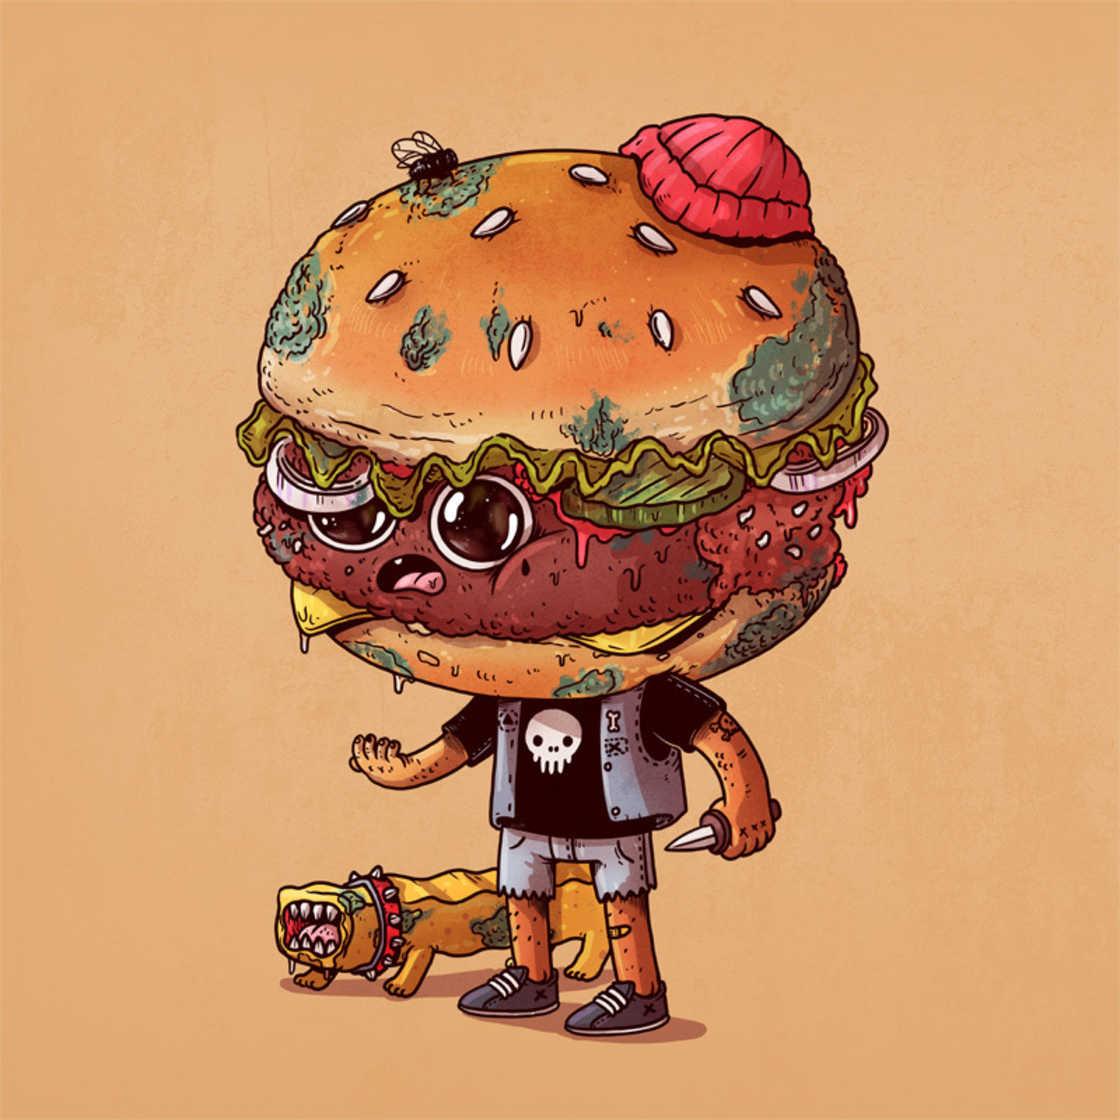 Агрессивный фастфуд в иллюстрациях Алекса Солиса